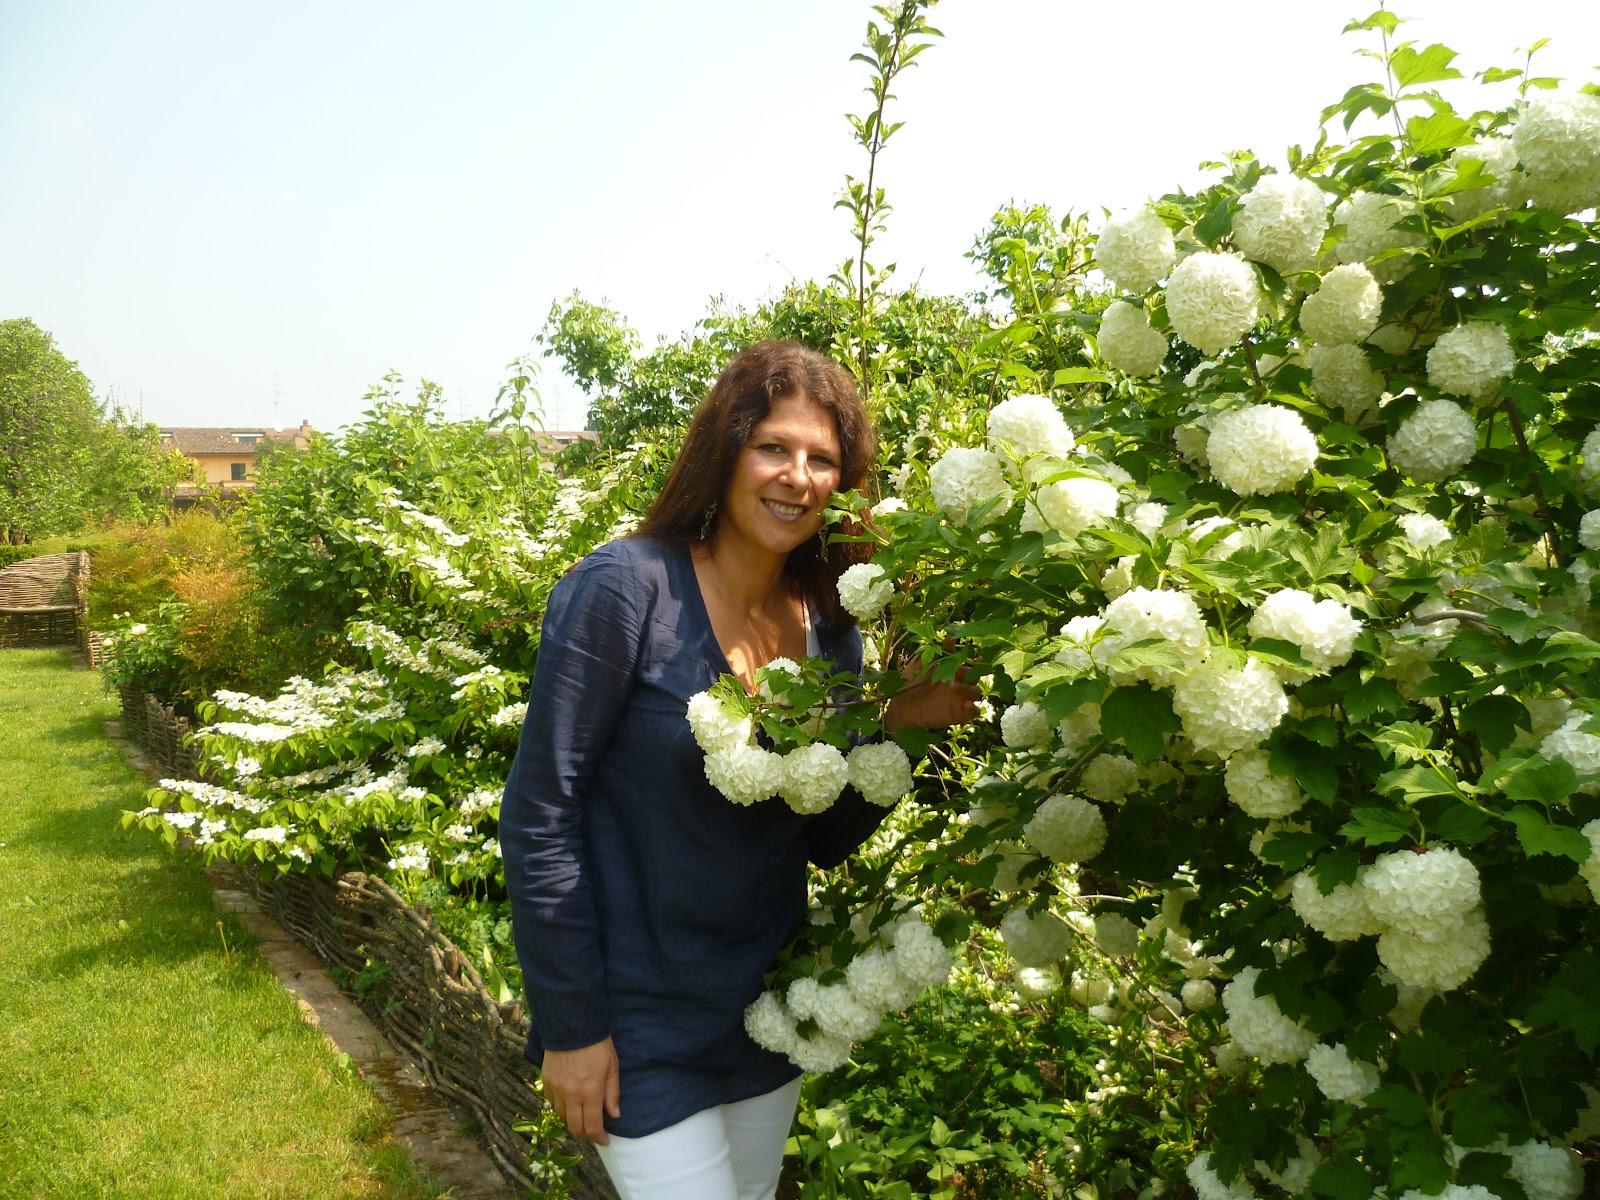 Associazione arte in orto passione giardino - Arte e giardino ...